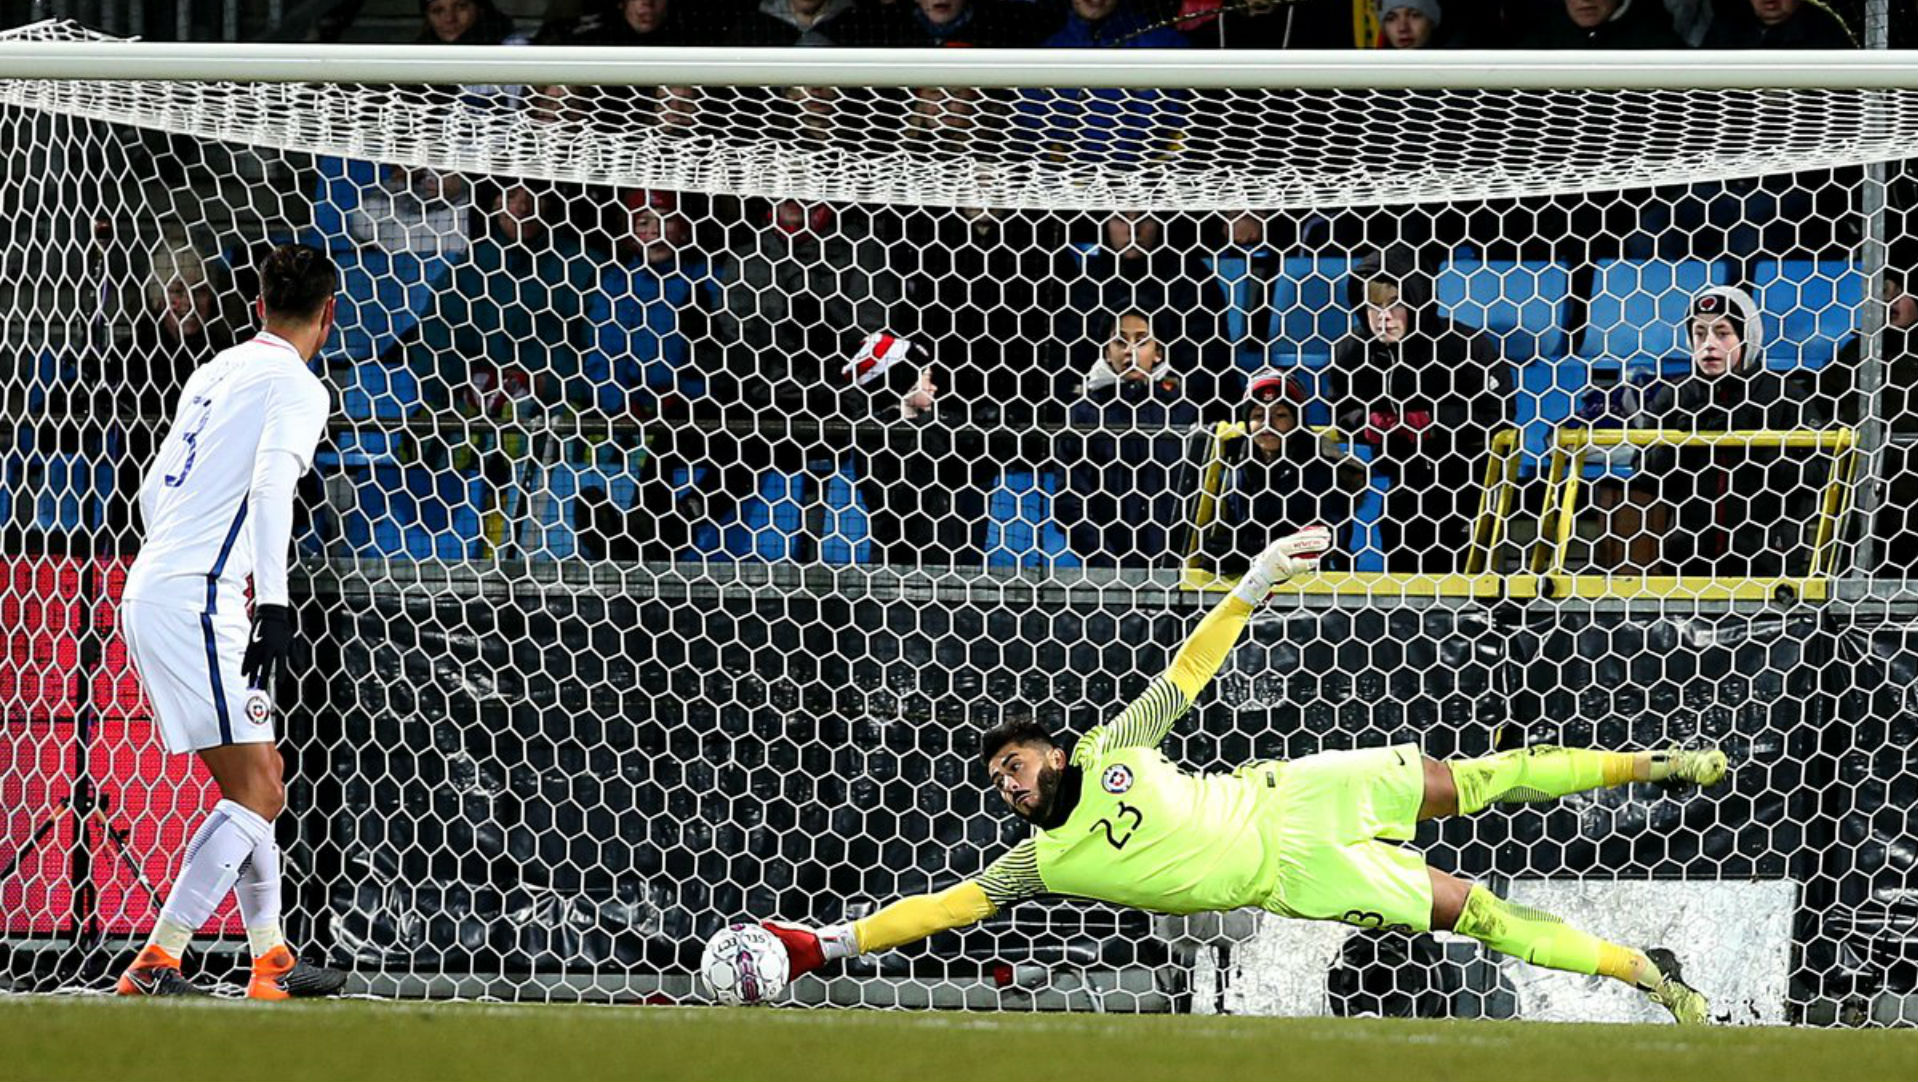 Selección chilena jugaría nuevo amistoso ante Rumania